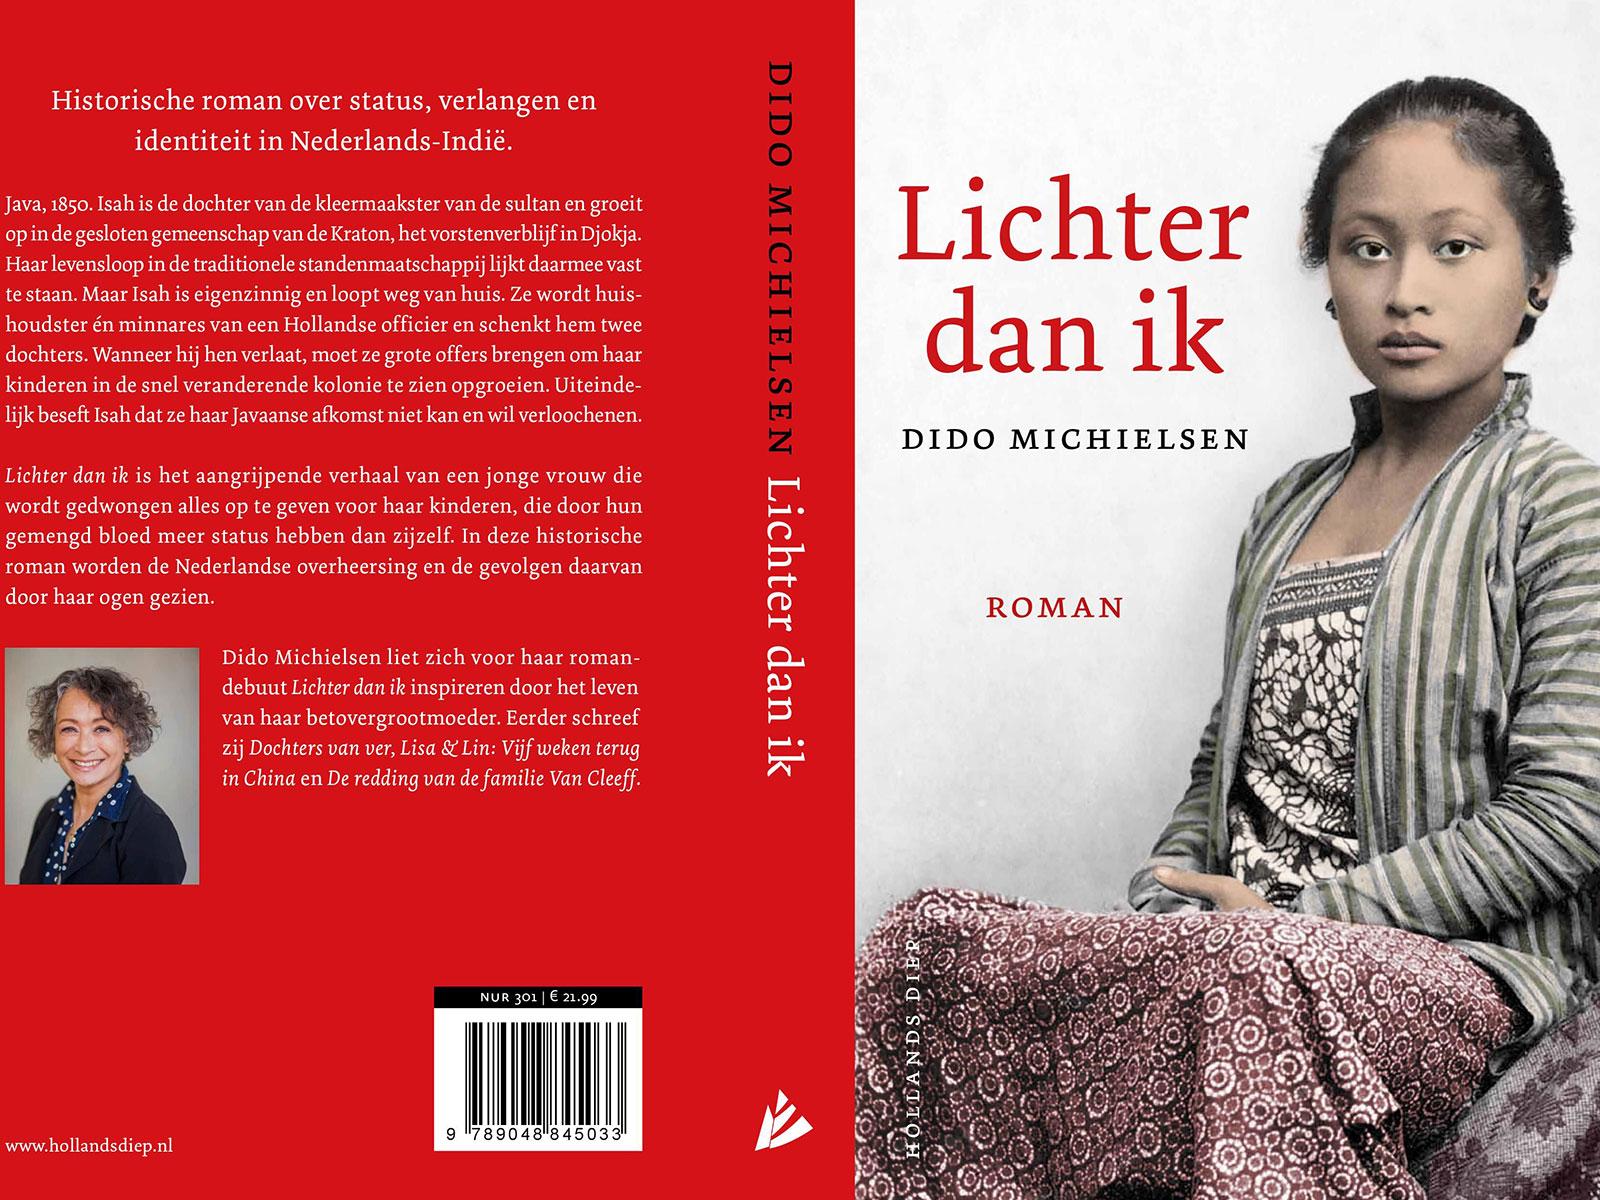 blog boeken- en filmtips indonesie lichter dan ik